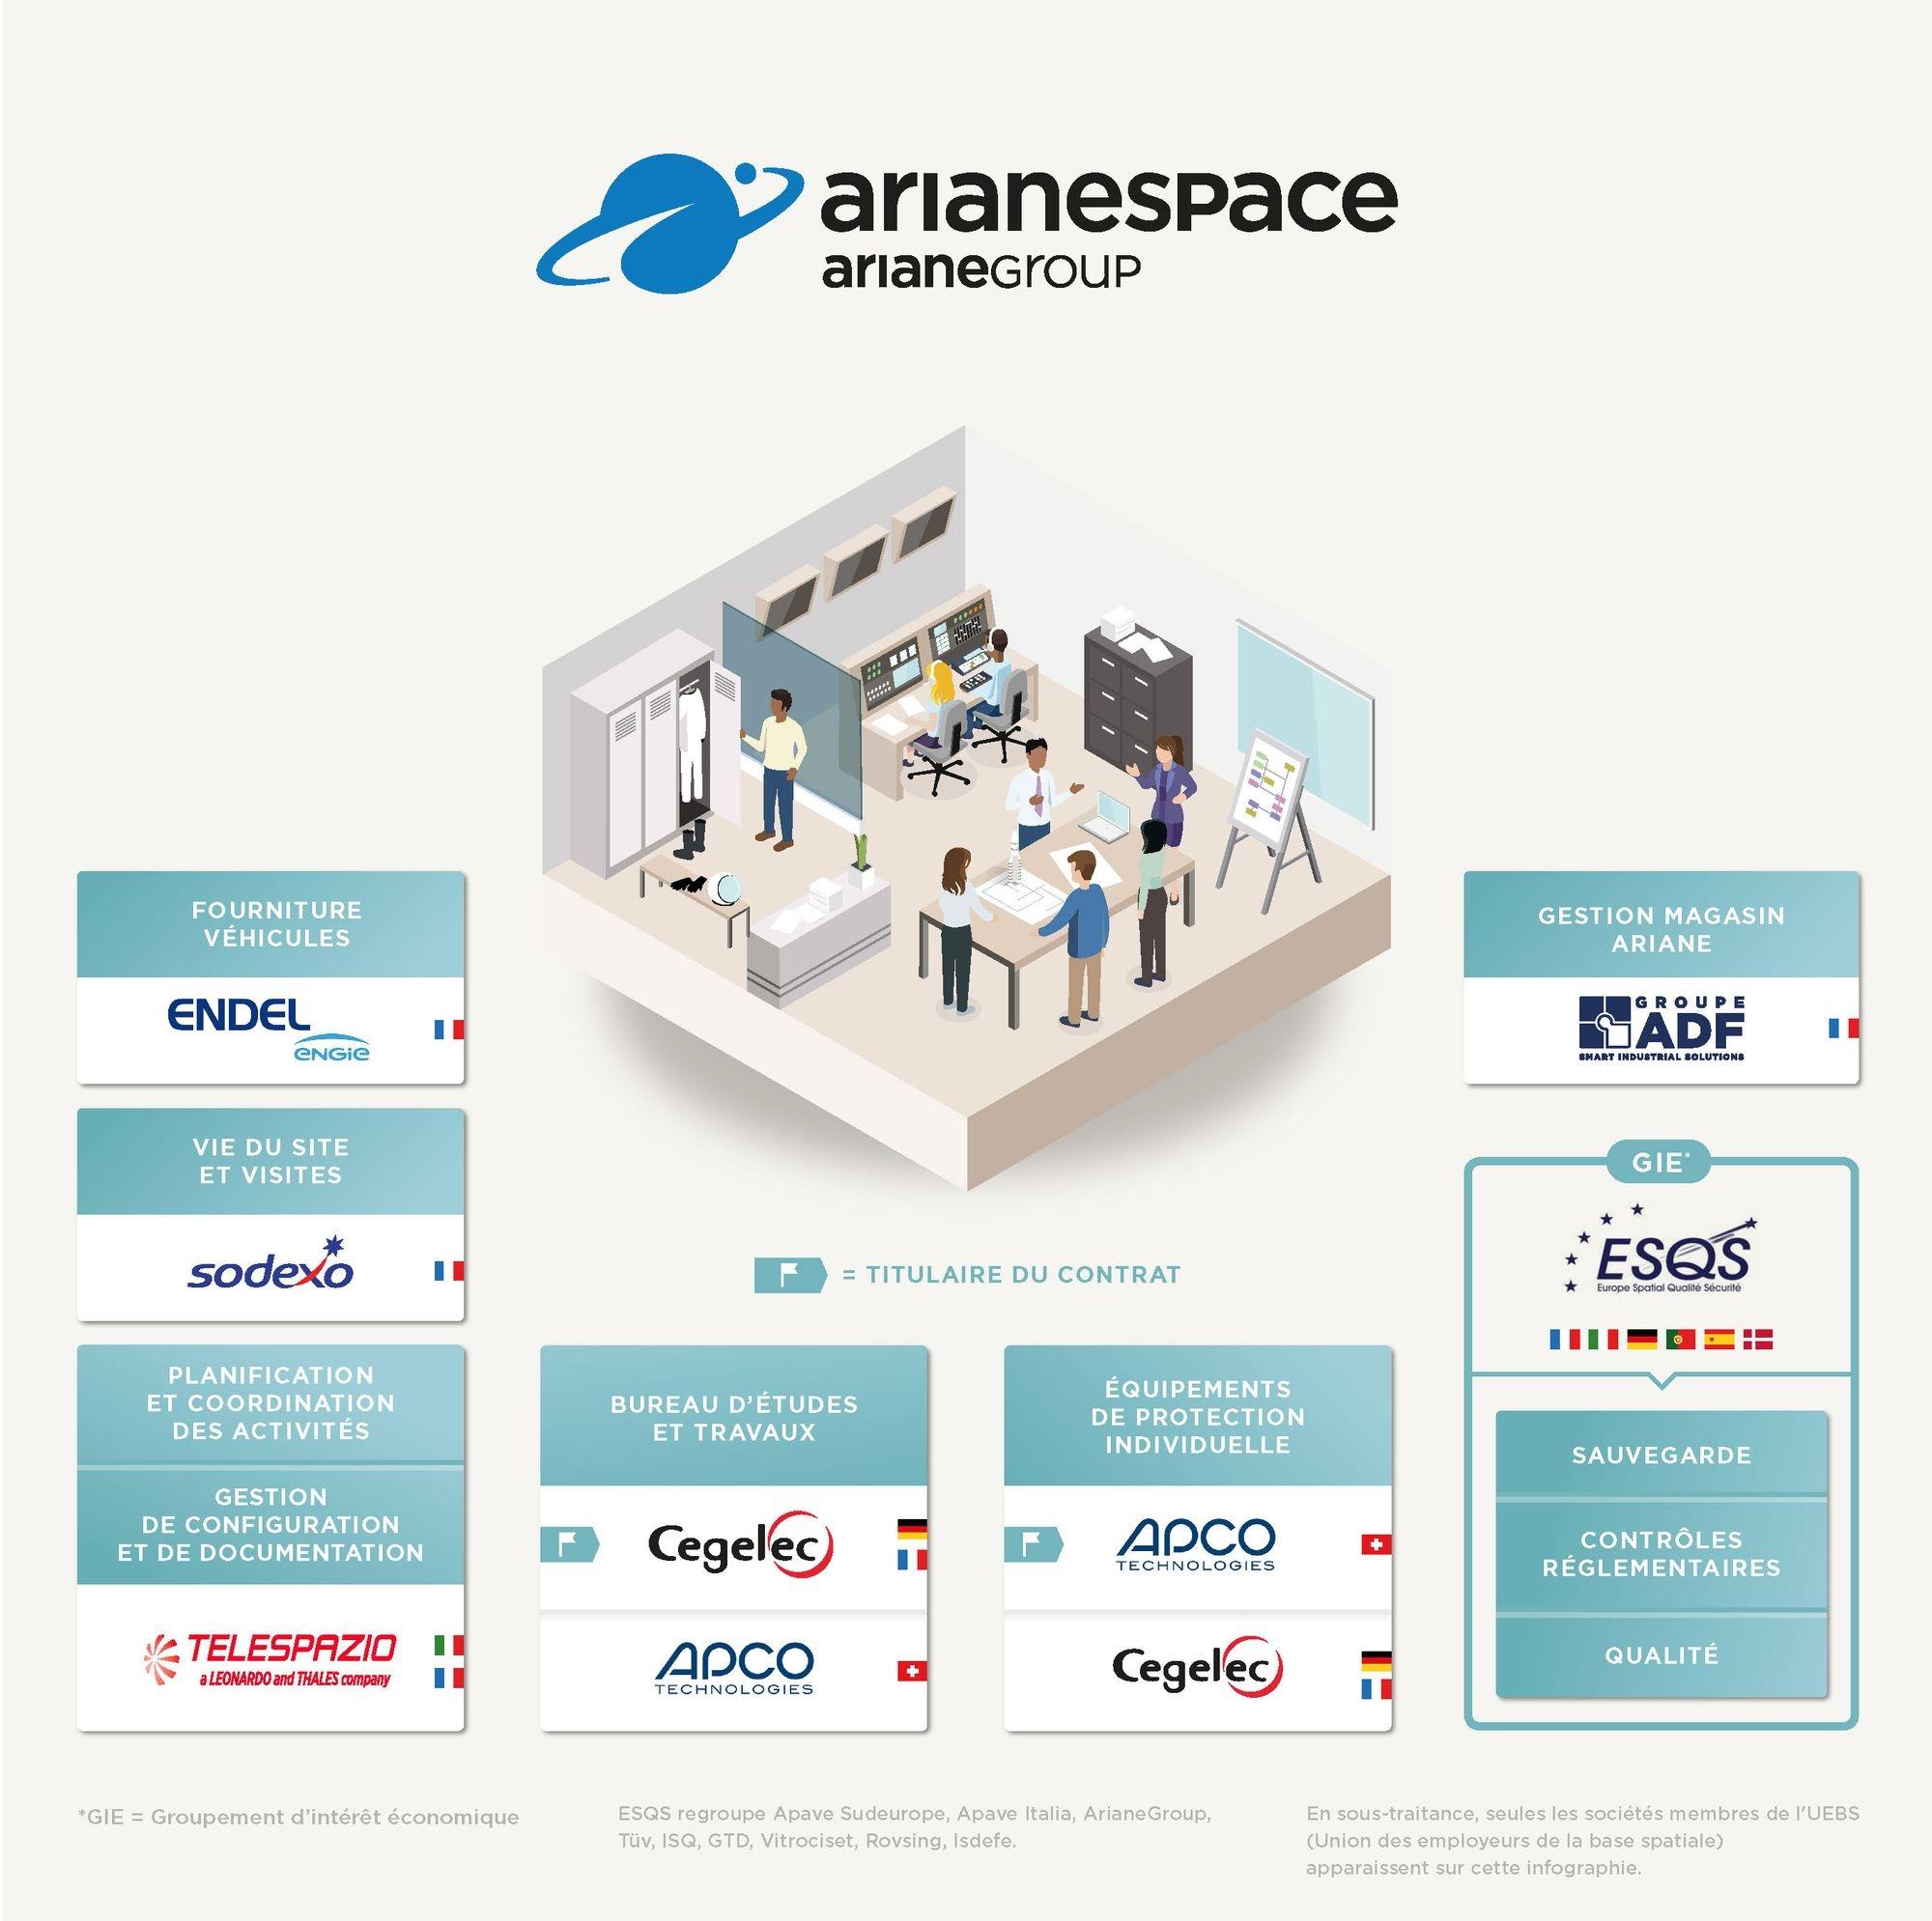 entreprises partenaires d'Arianespace